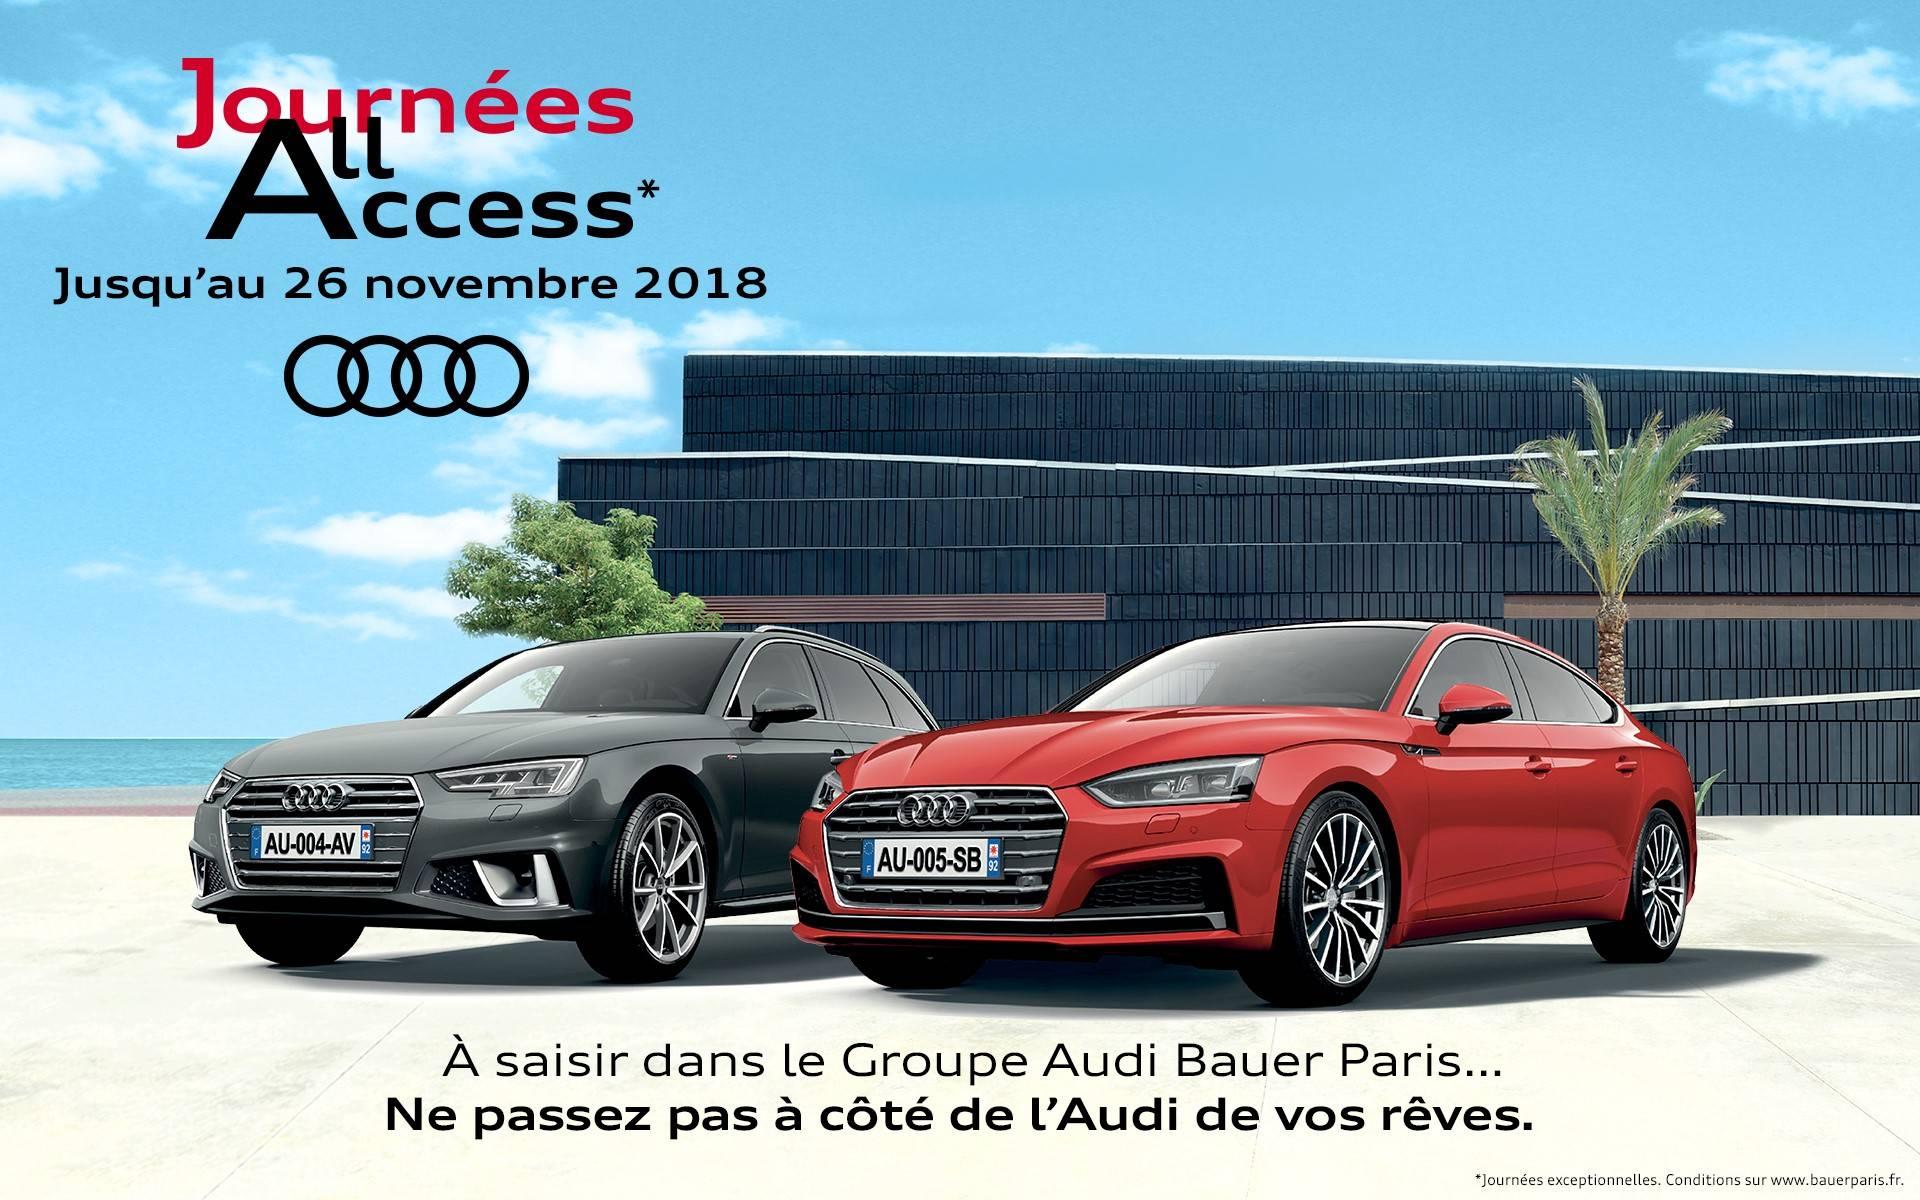 Journées All Access - Ajout Audi A4 et Audi A5